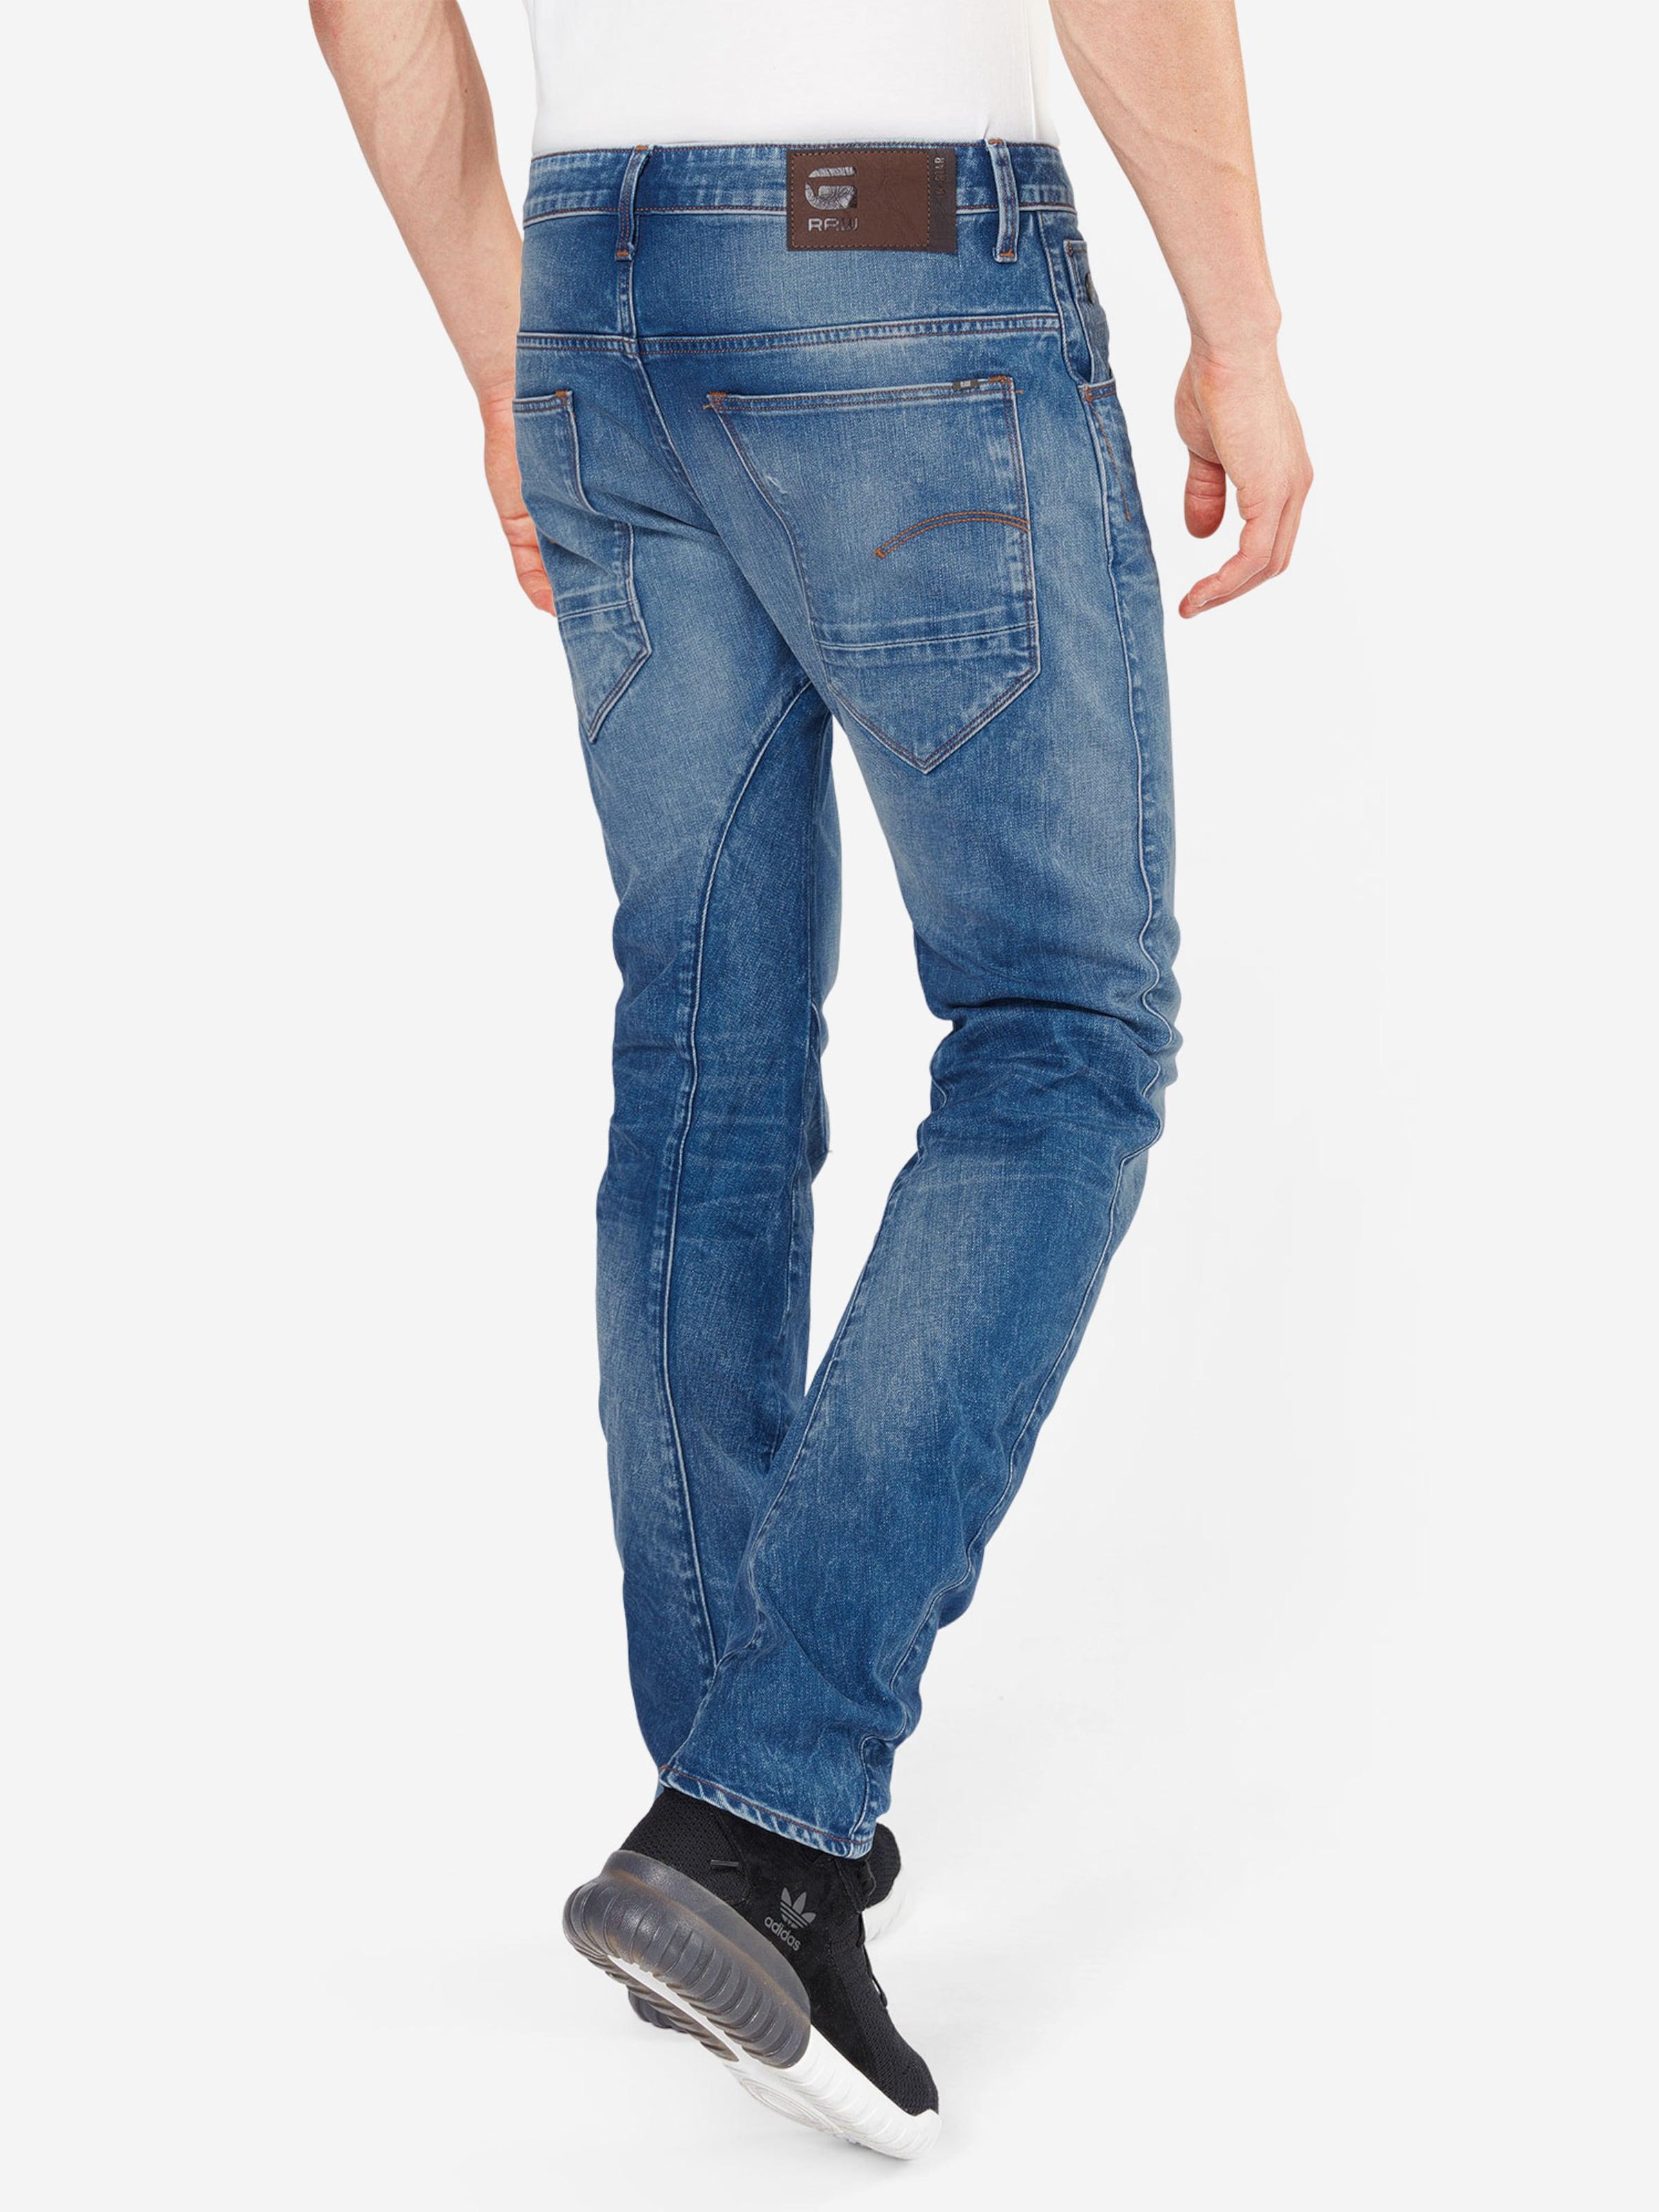 Günstigsten Preis Zu Verkaufen G-STAR RAW Jeans in Slim Fit 'Arc 3D' Manchester Großer Verkauf Günstig Online Große Auswahl An Günstigen Online WZyx6